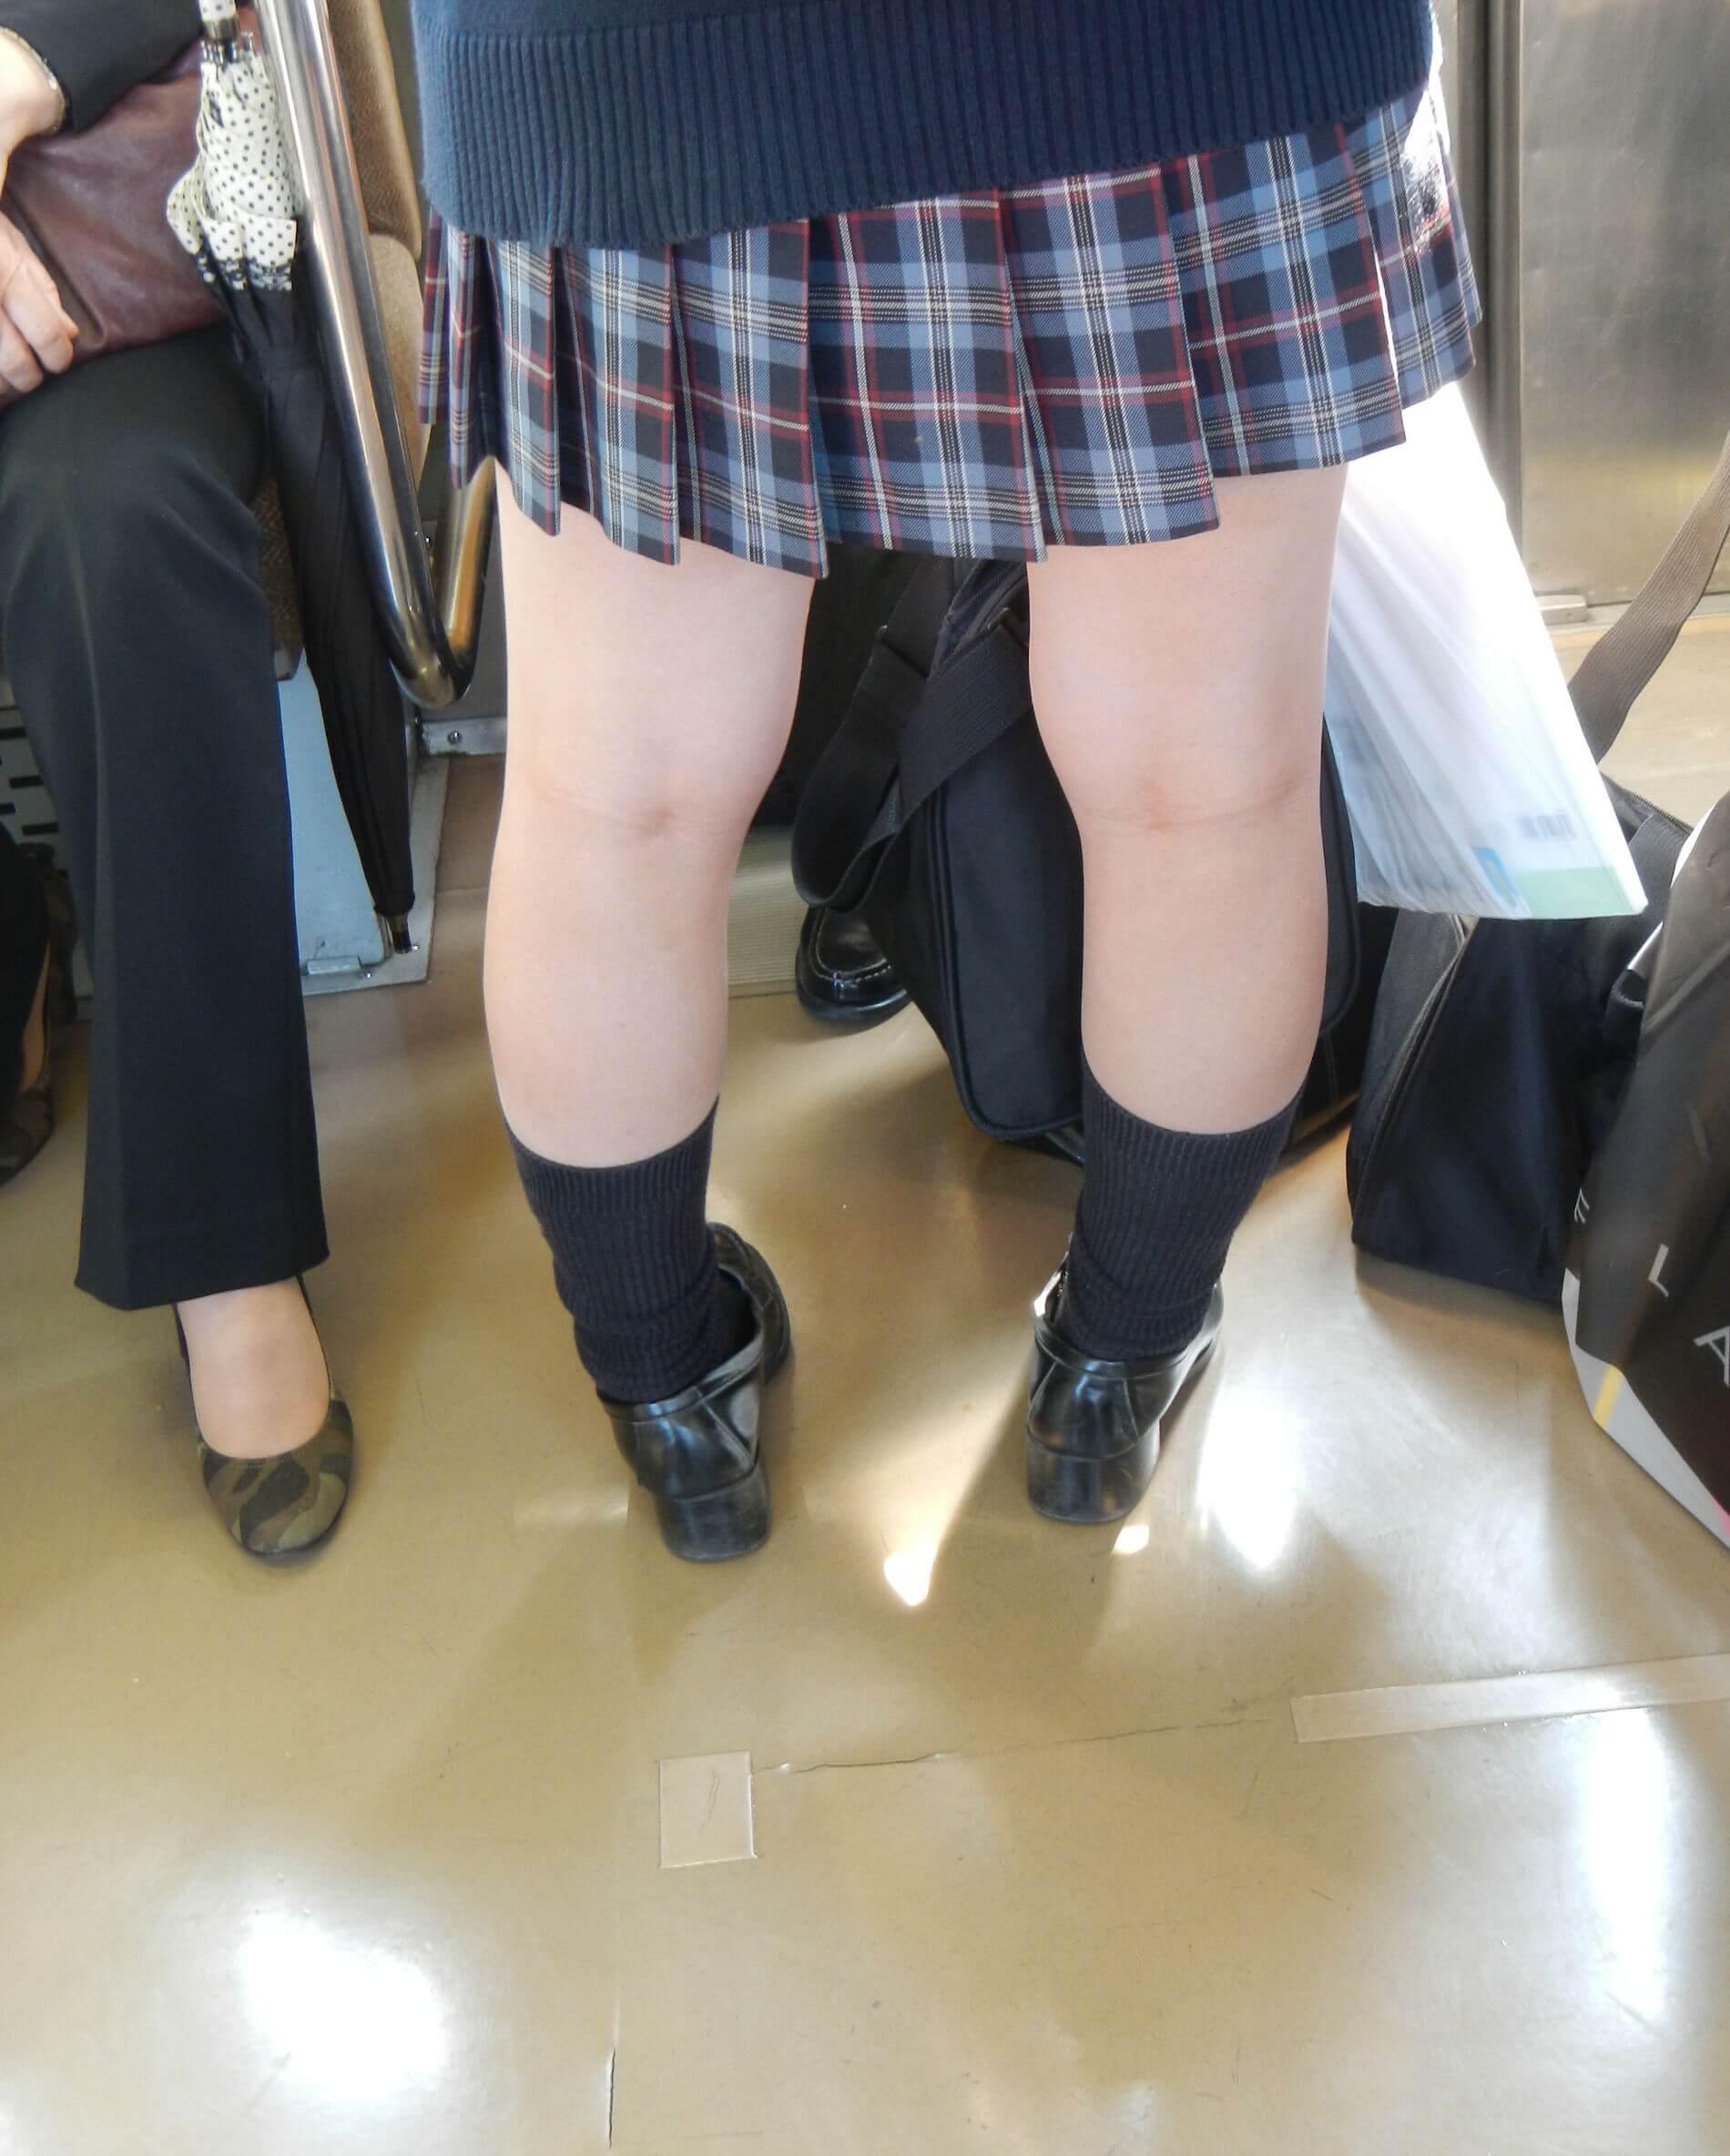 【画像】女子高生のエロ過ぎるふとももにぶっかけたいよね?